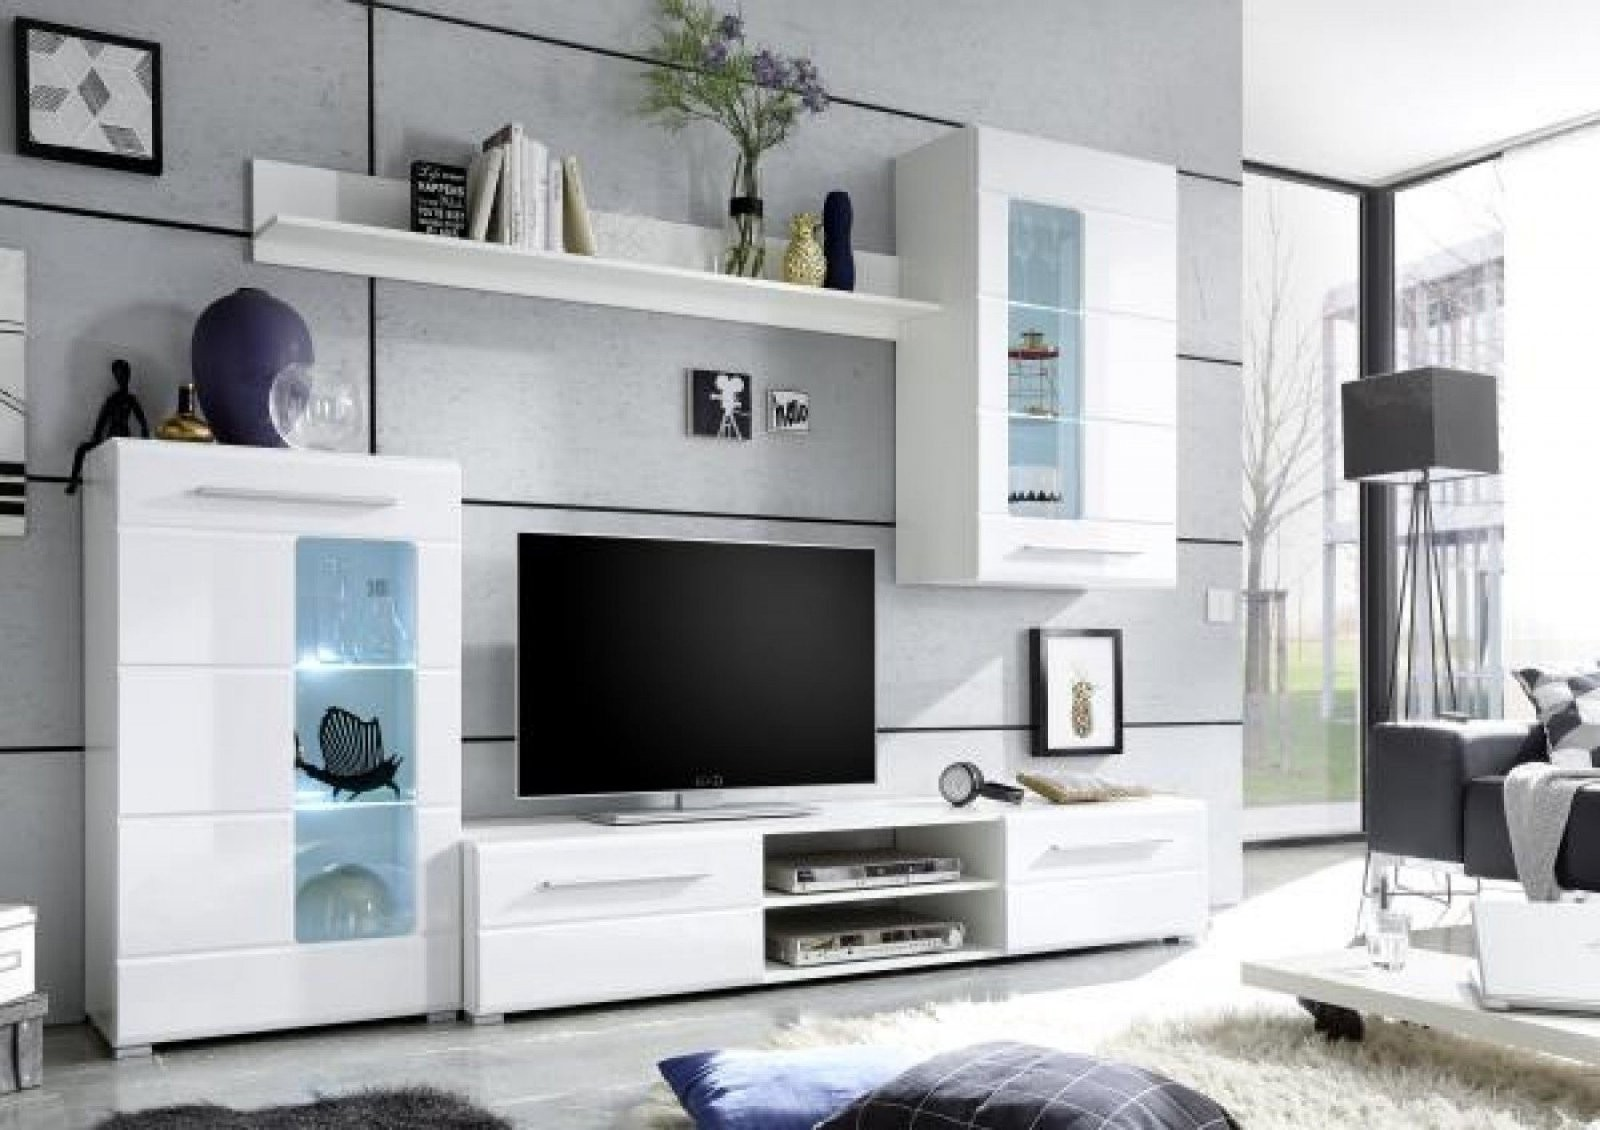 11 Günstige Wohnwand Unter 100 Euro Elegant  Lqaff von Wohnwand Unter 100 Euro Bild